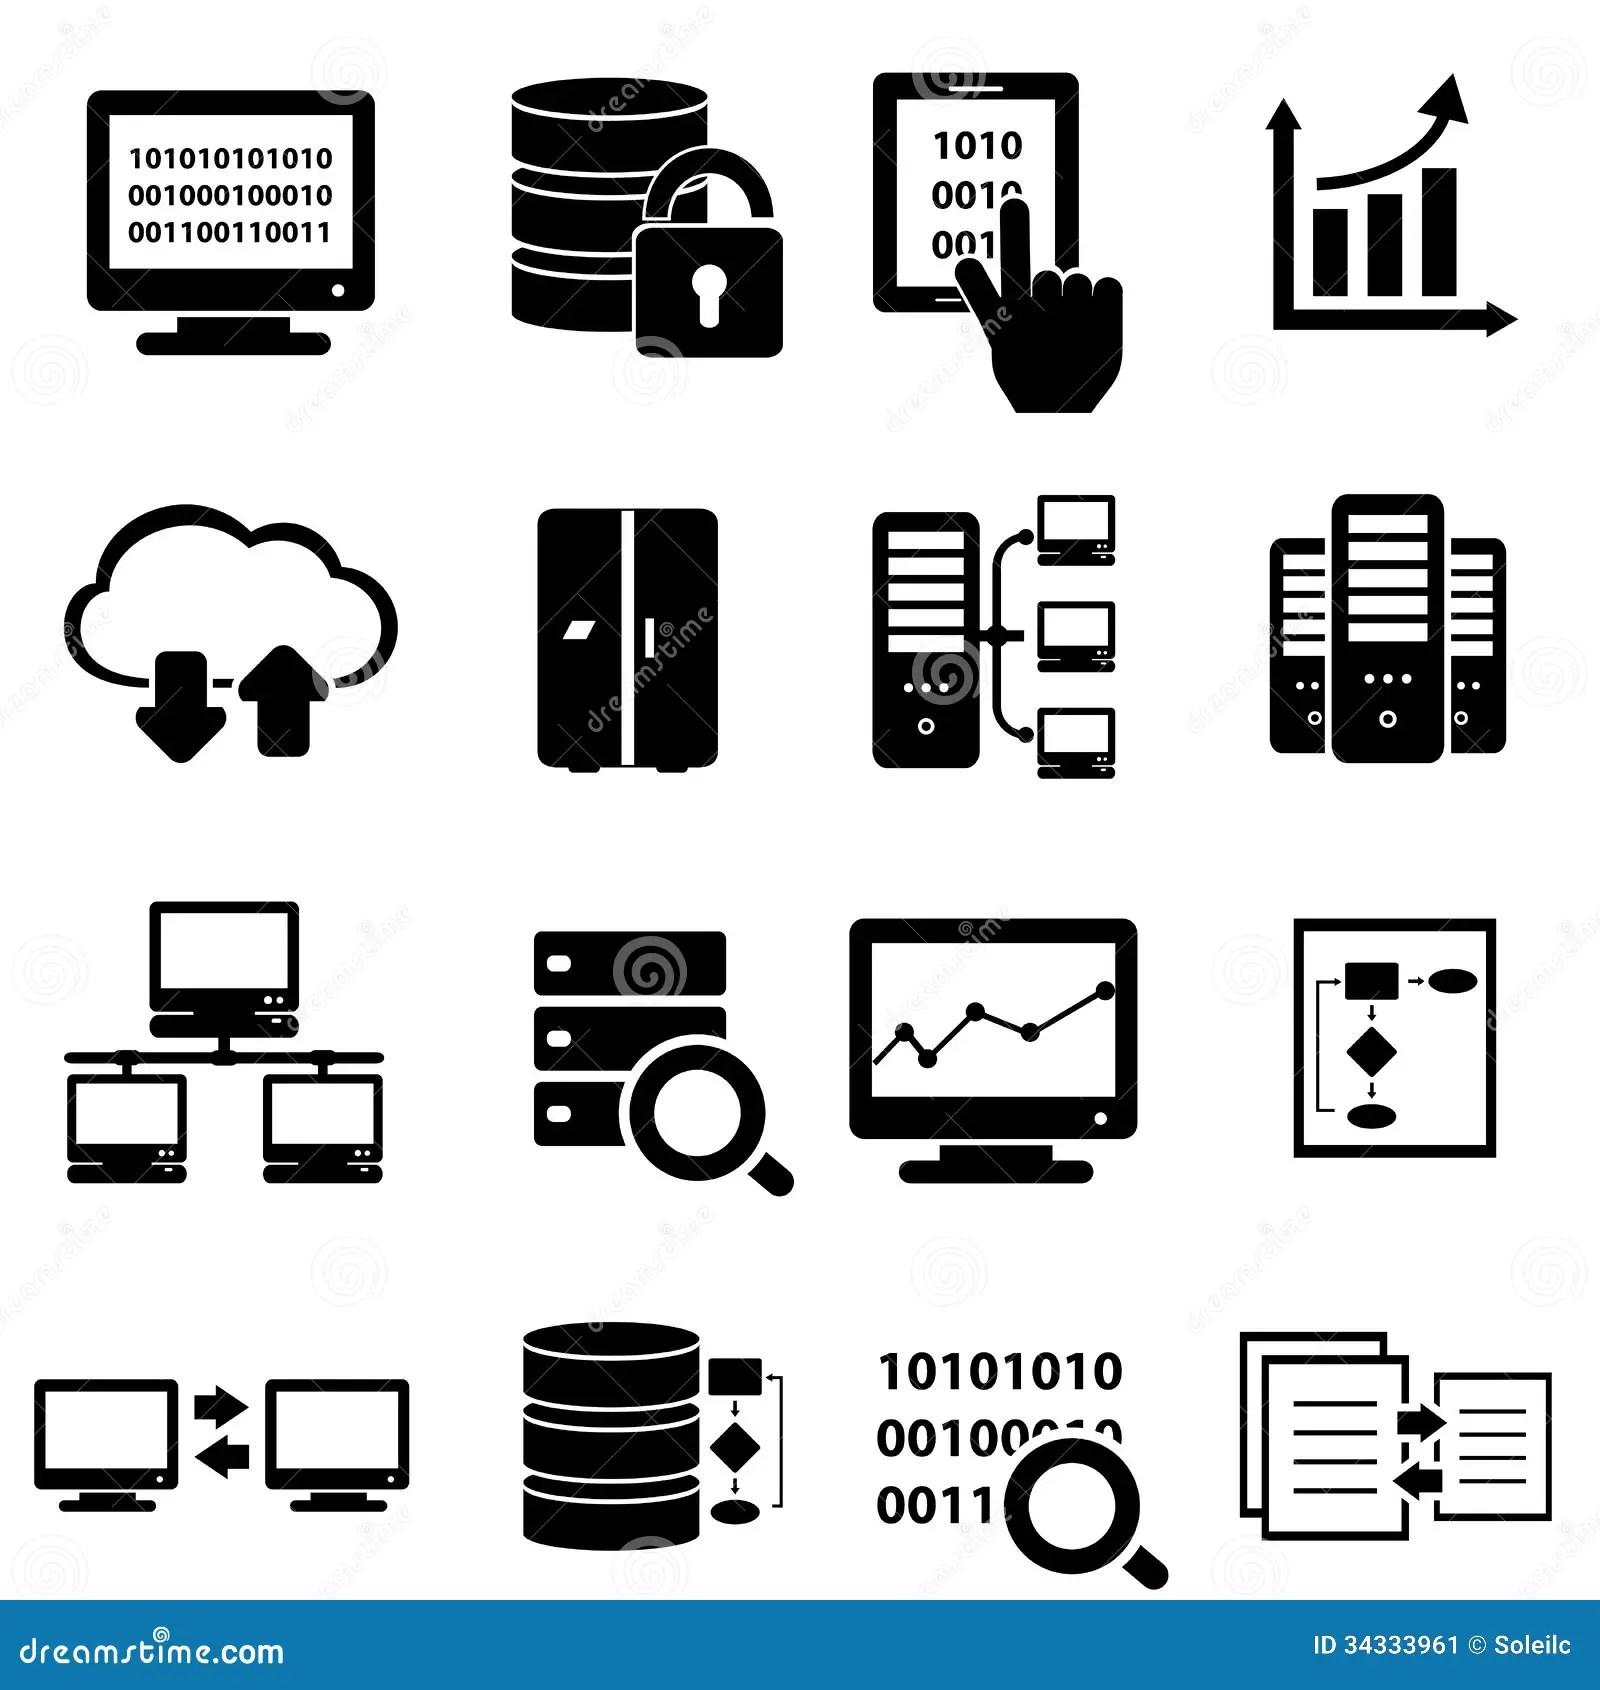 cisco aci data center diagram